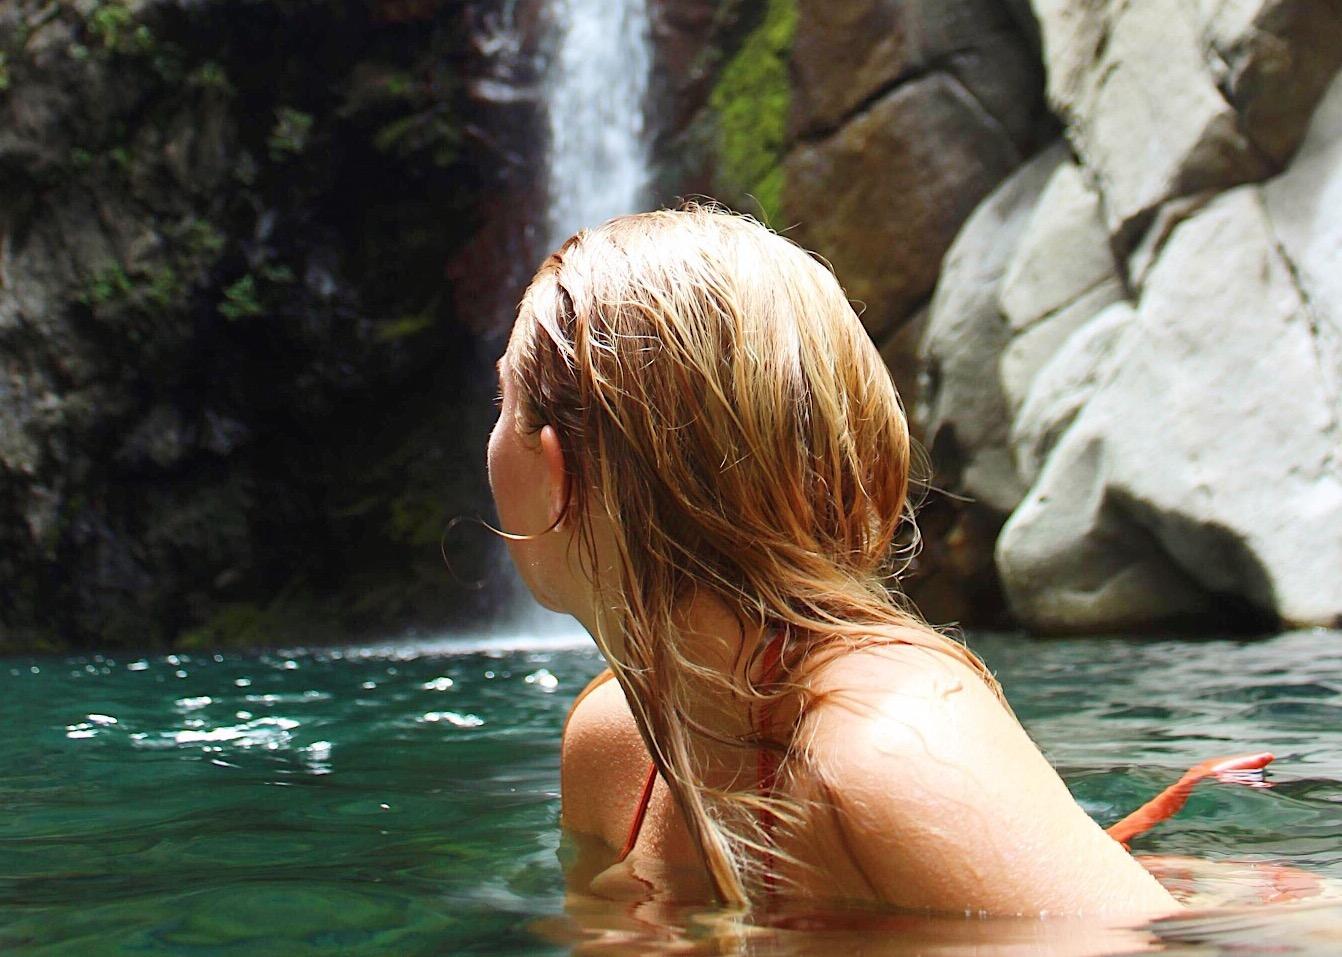 Jenny bader på øya Réunion